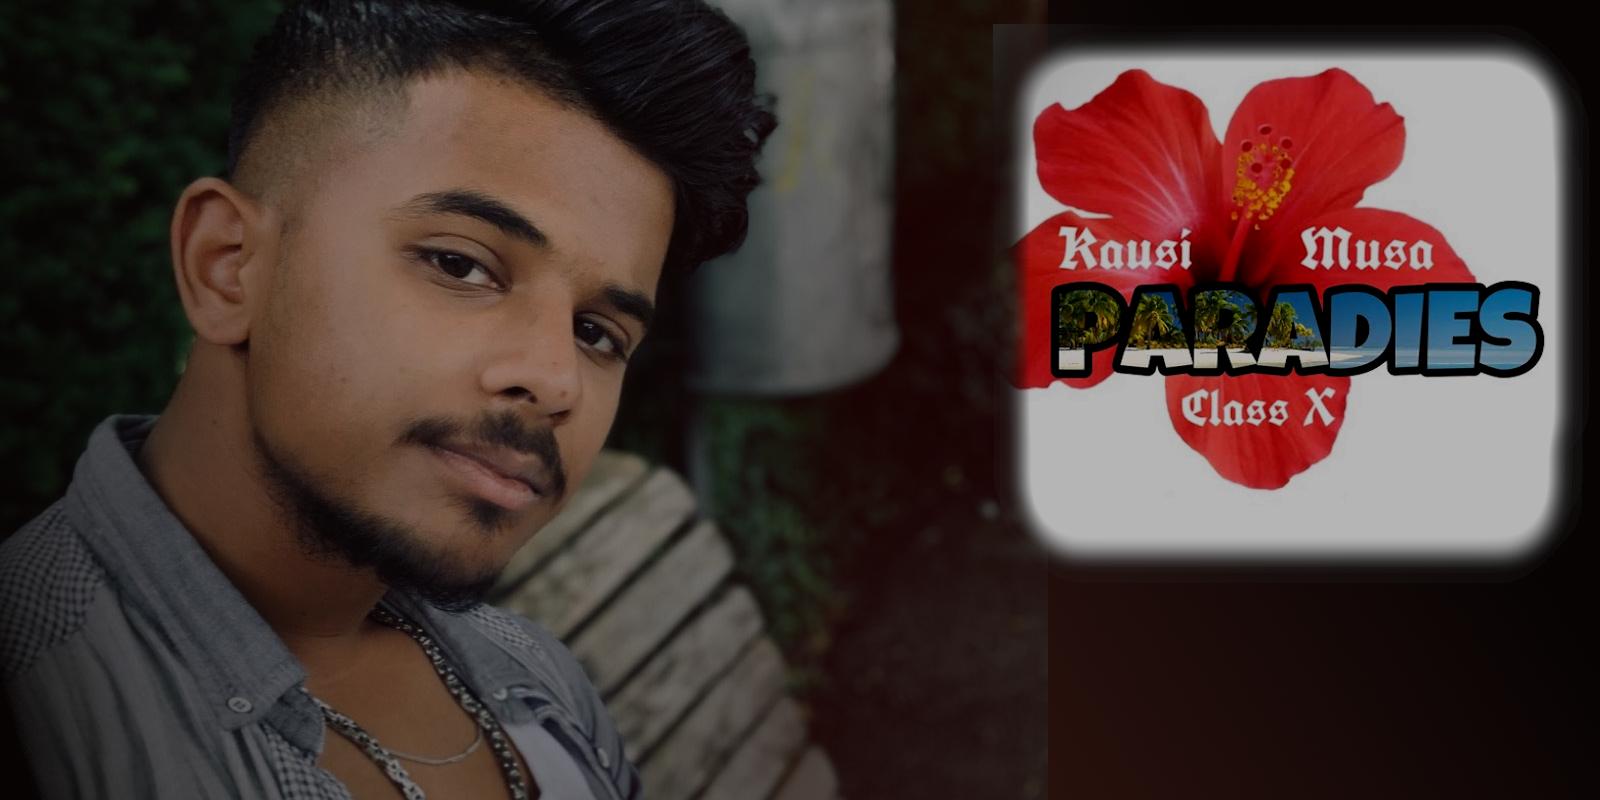 LYRICS-League-Gewinner Kausi mit neuer Single